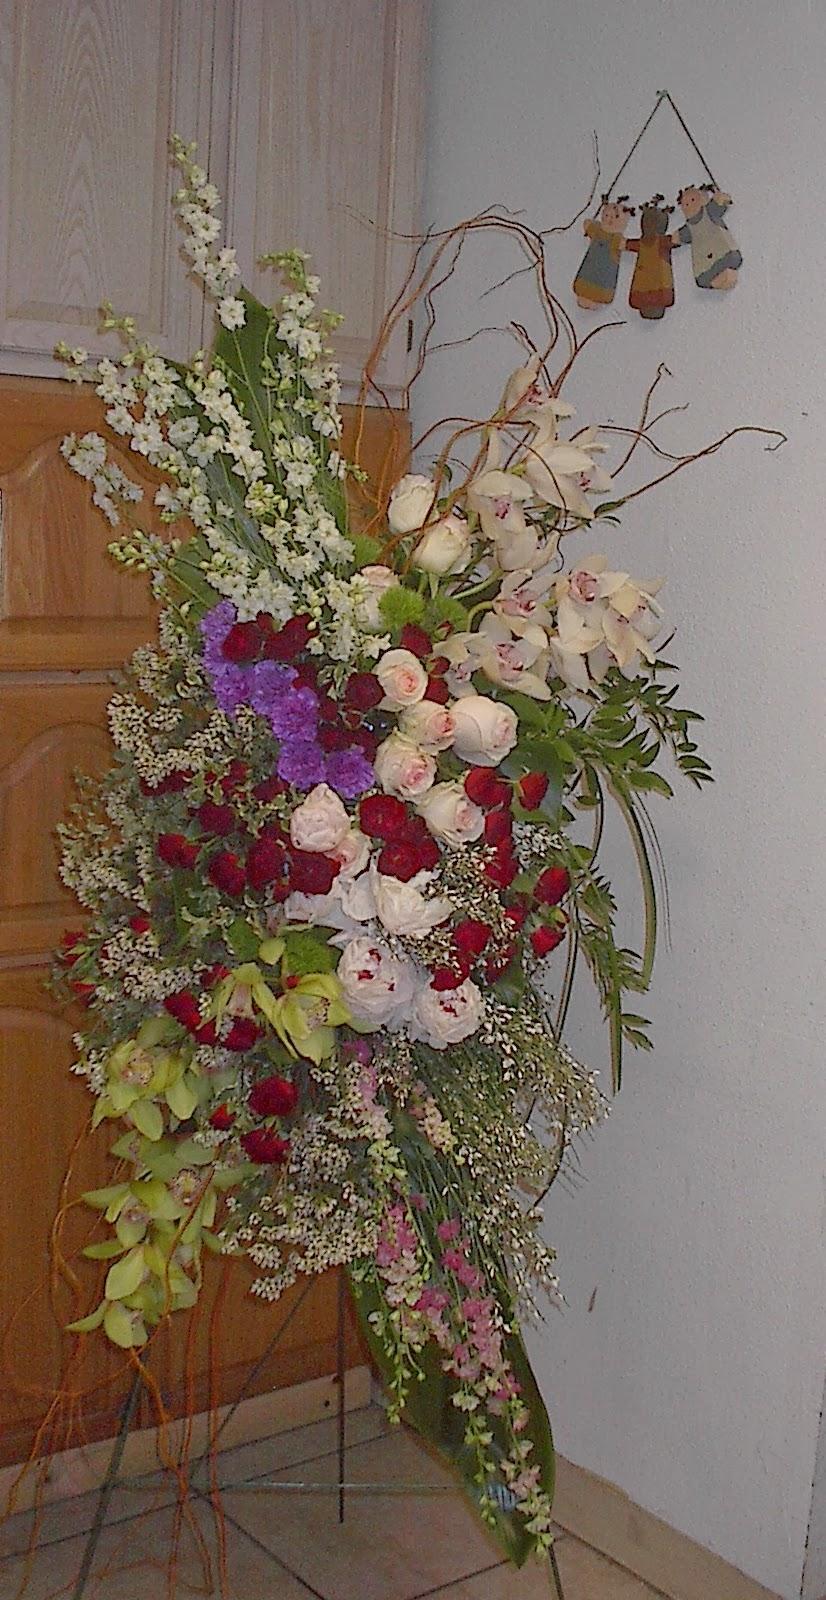 Las Vegas Flowers Premier Event Florists November 2013